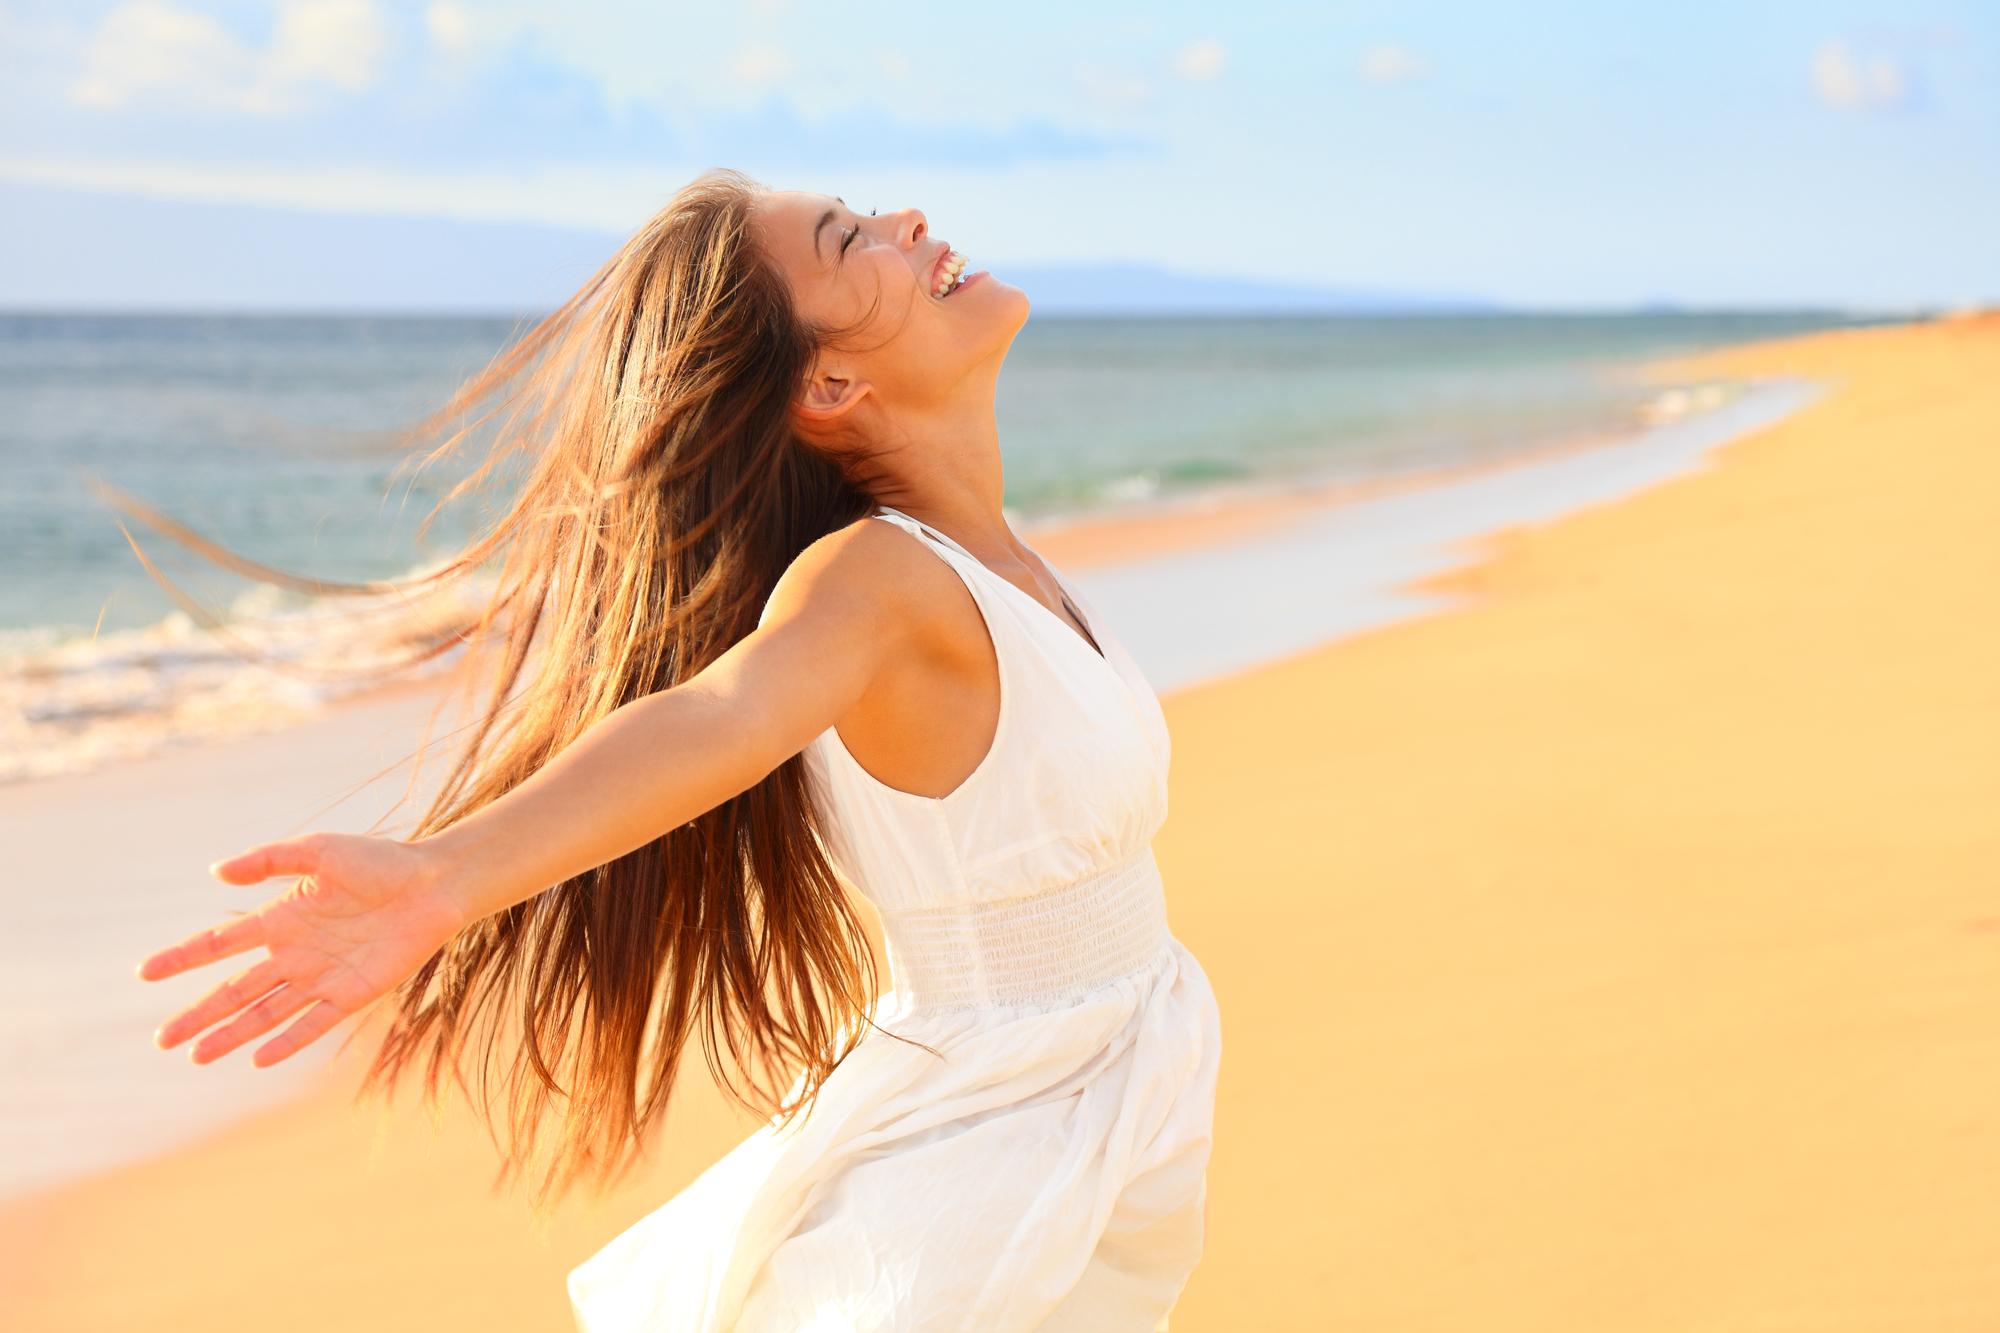 El láser que cambiará la vida de muchas mujeres 1